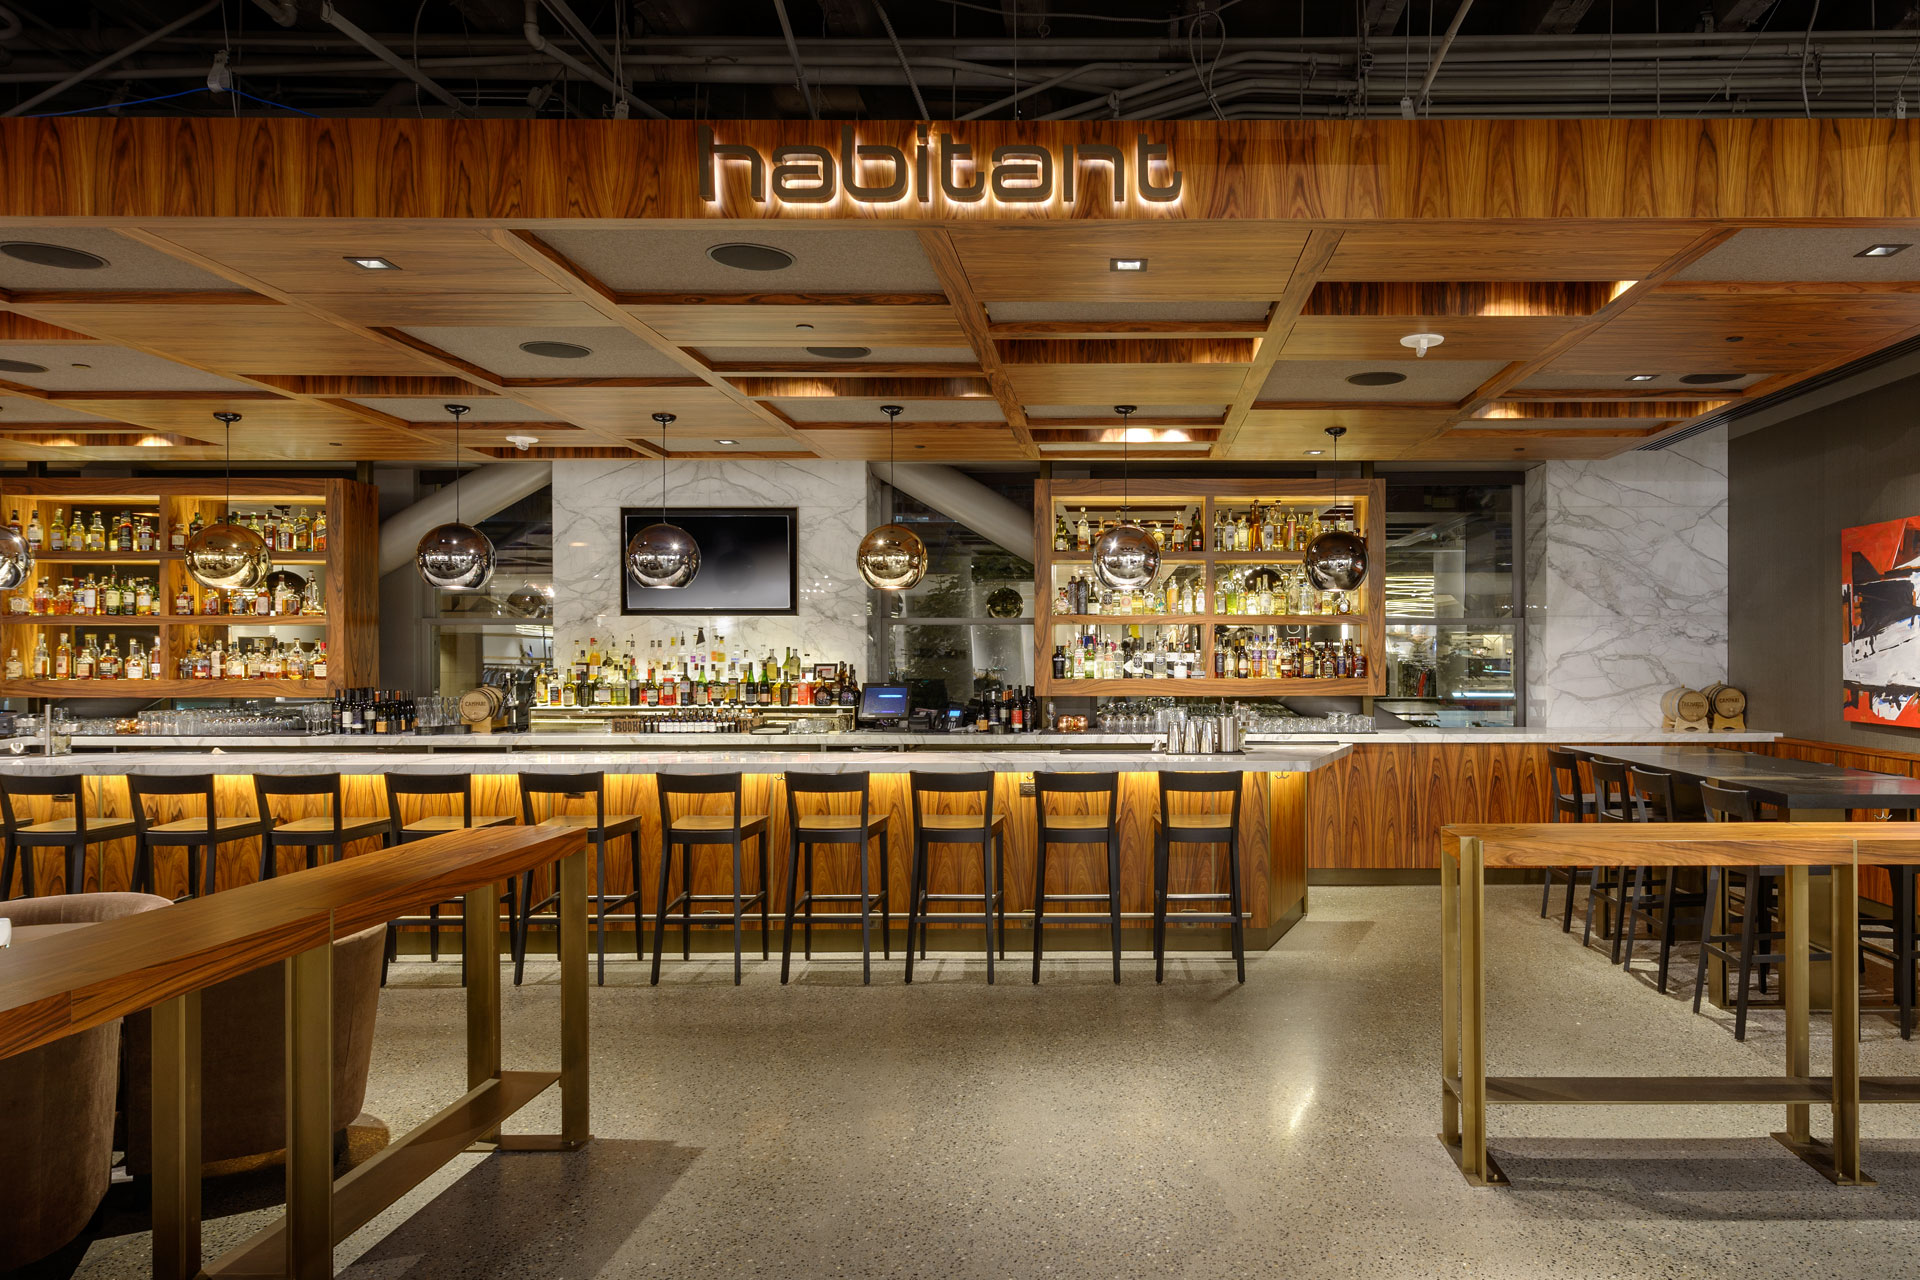 Cafe + Habitant at Nordstrom restaurant design